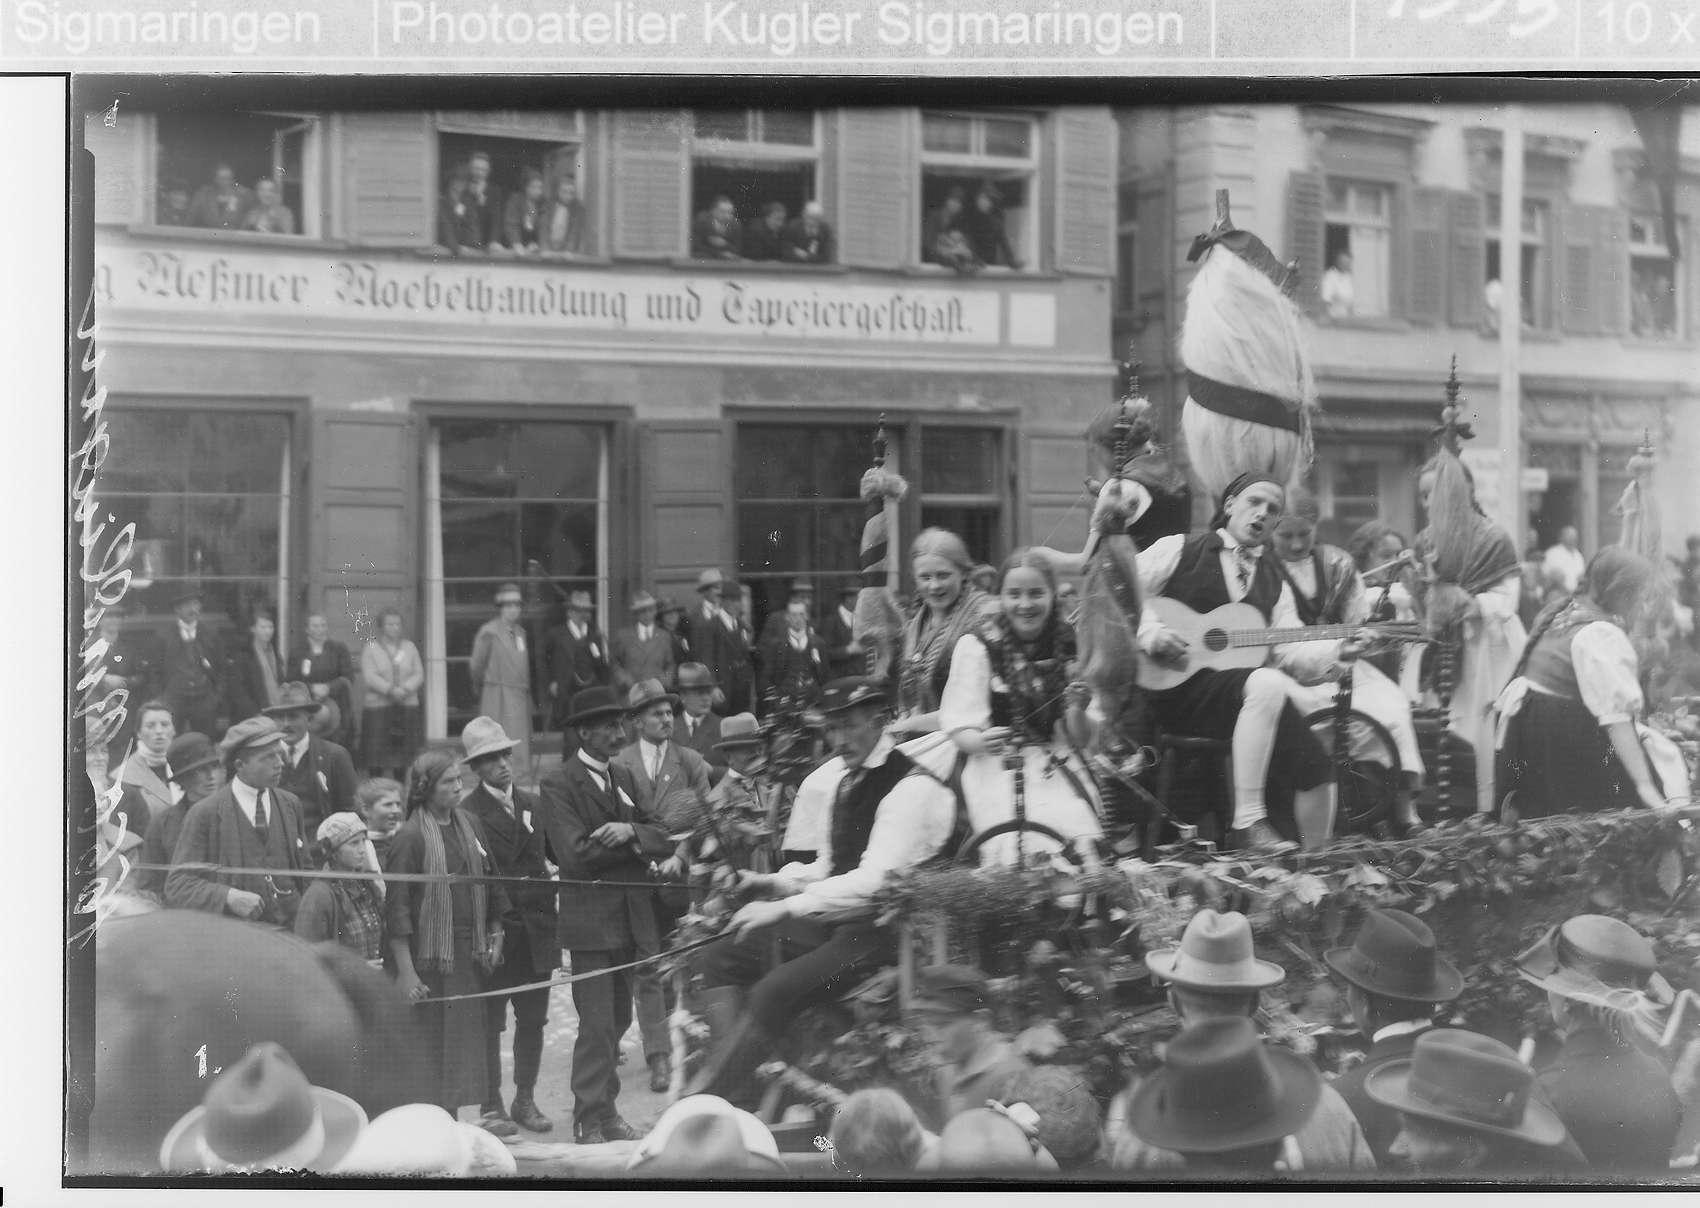 Erntedankfest Riedlingen; Umzugswagen mit Musikanten; im Hintergrund Möbelhandlung und Tapeziergeschäft Meßmer, Bild 1